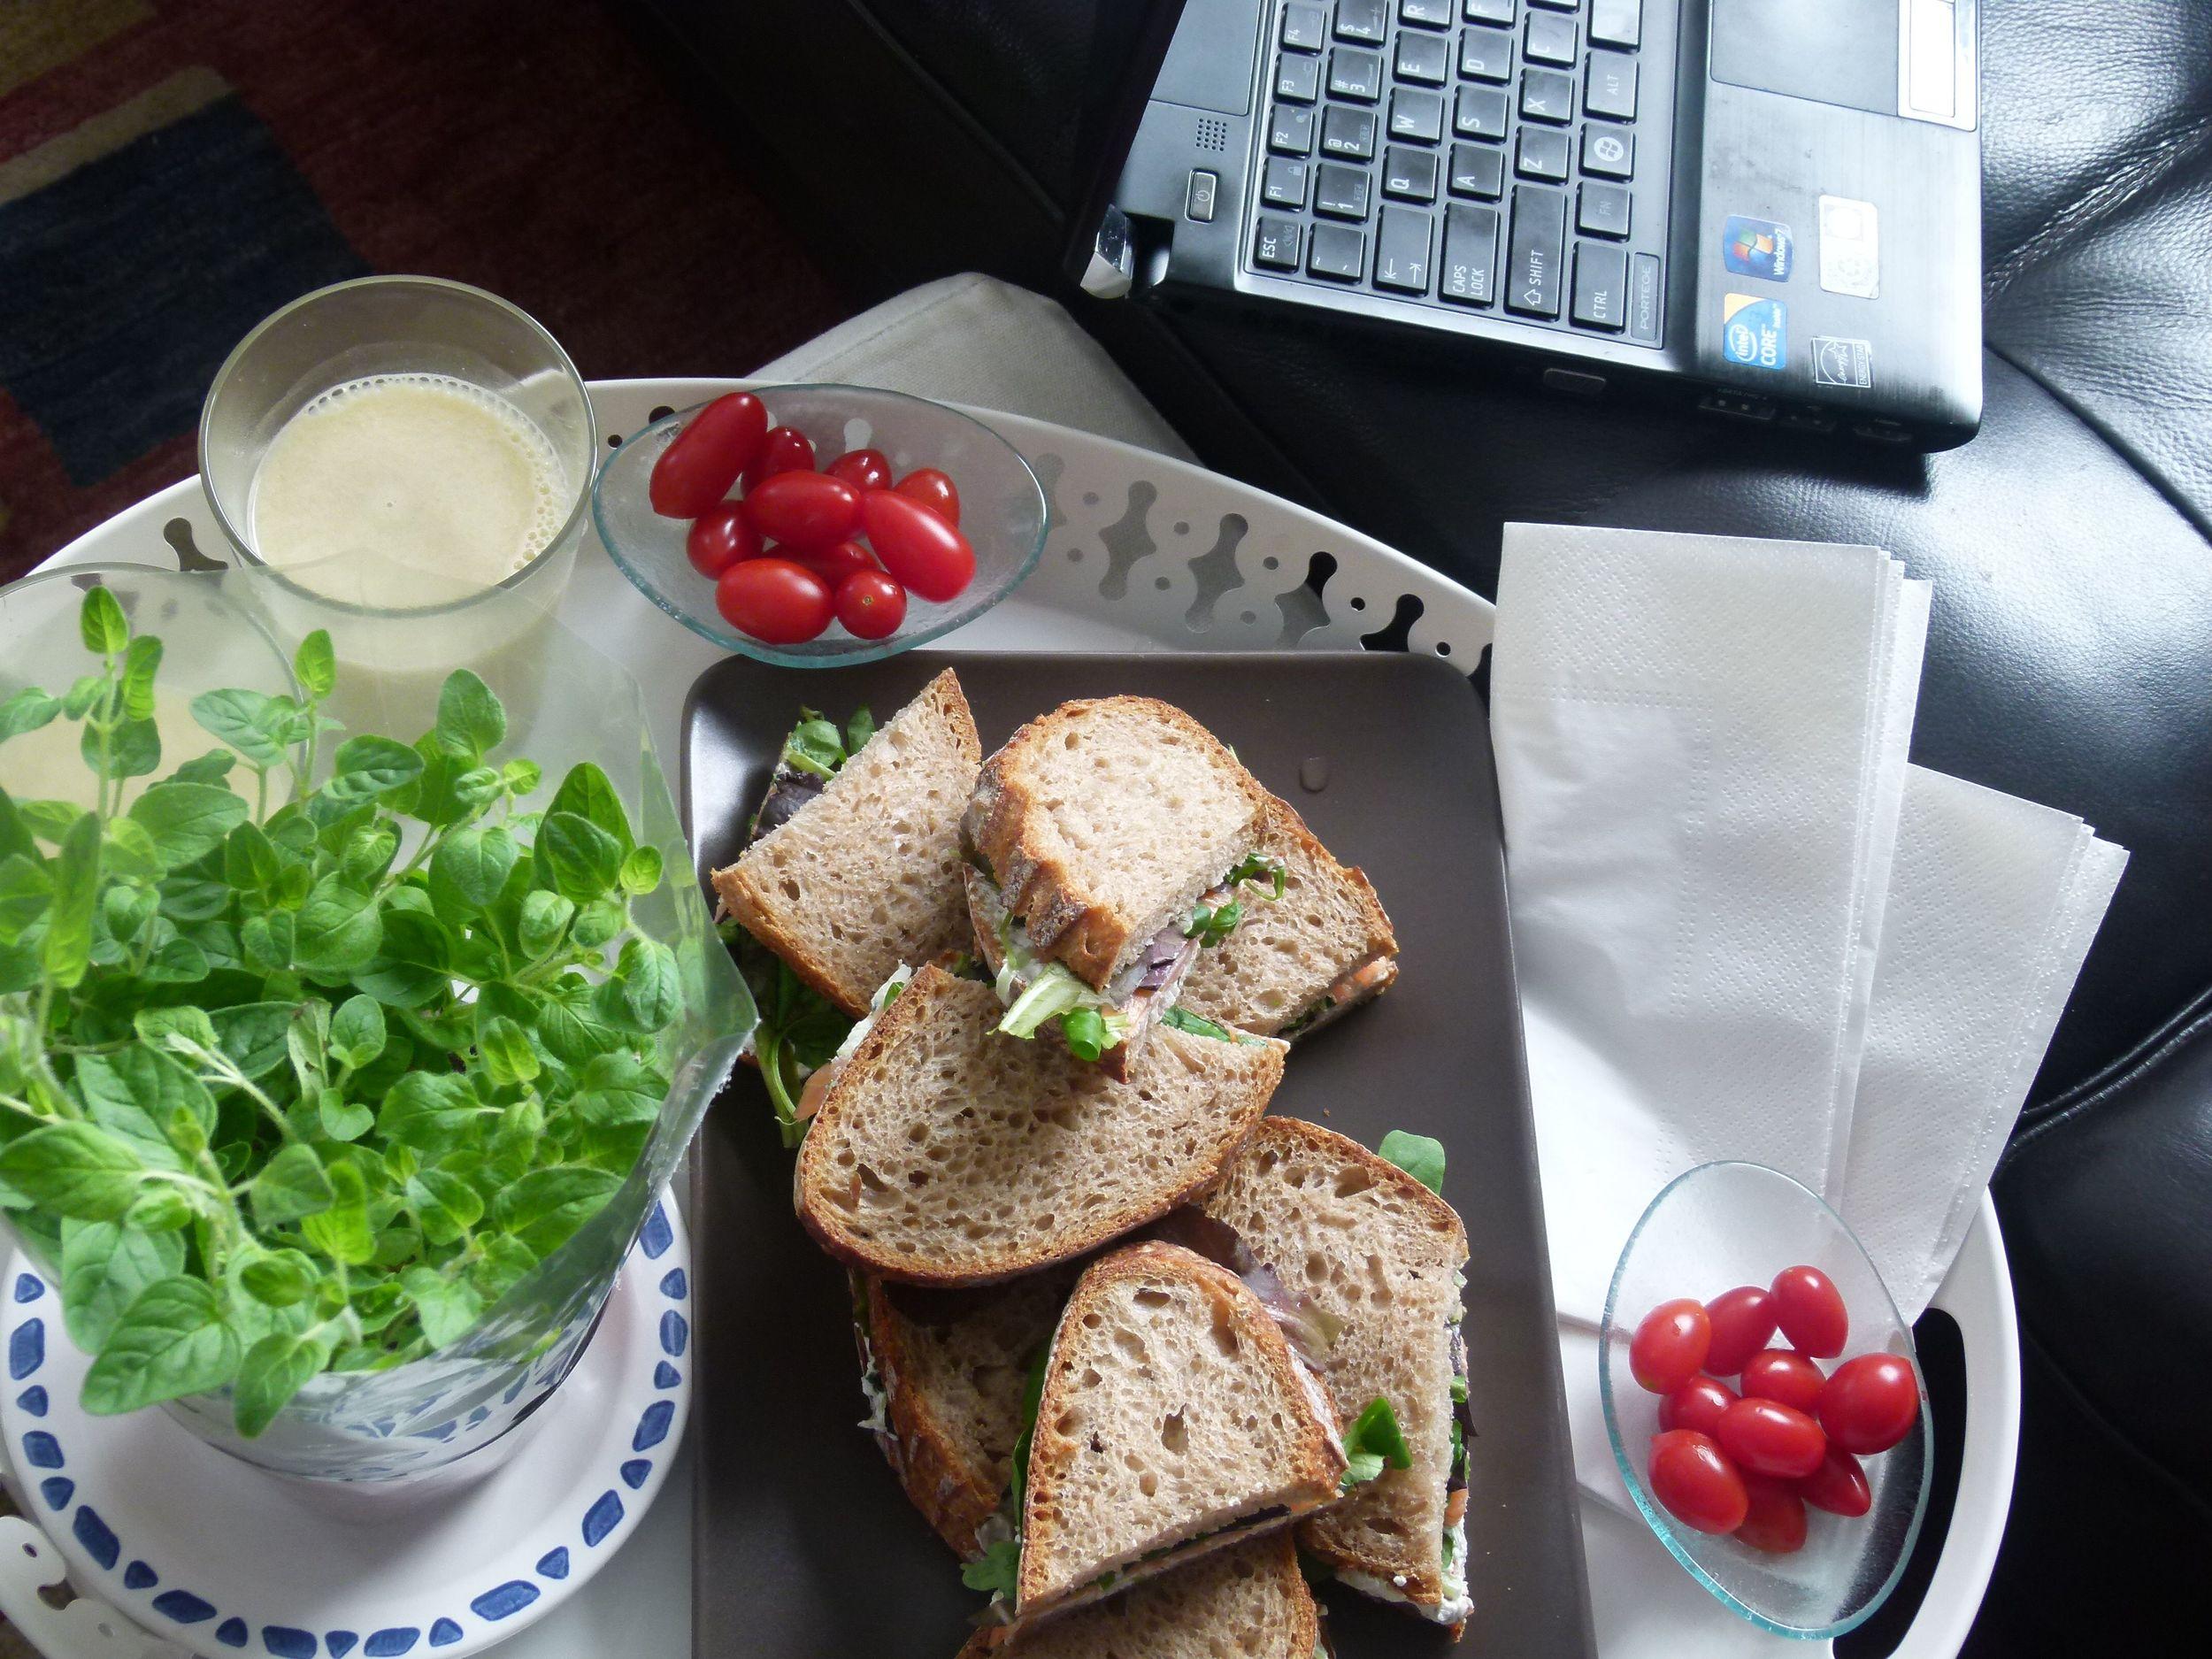 Working lunch, comida de trabajo